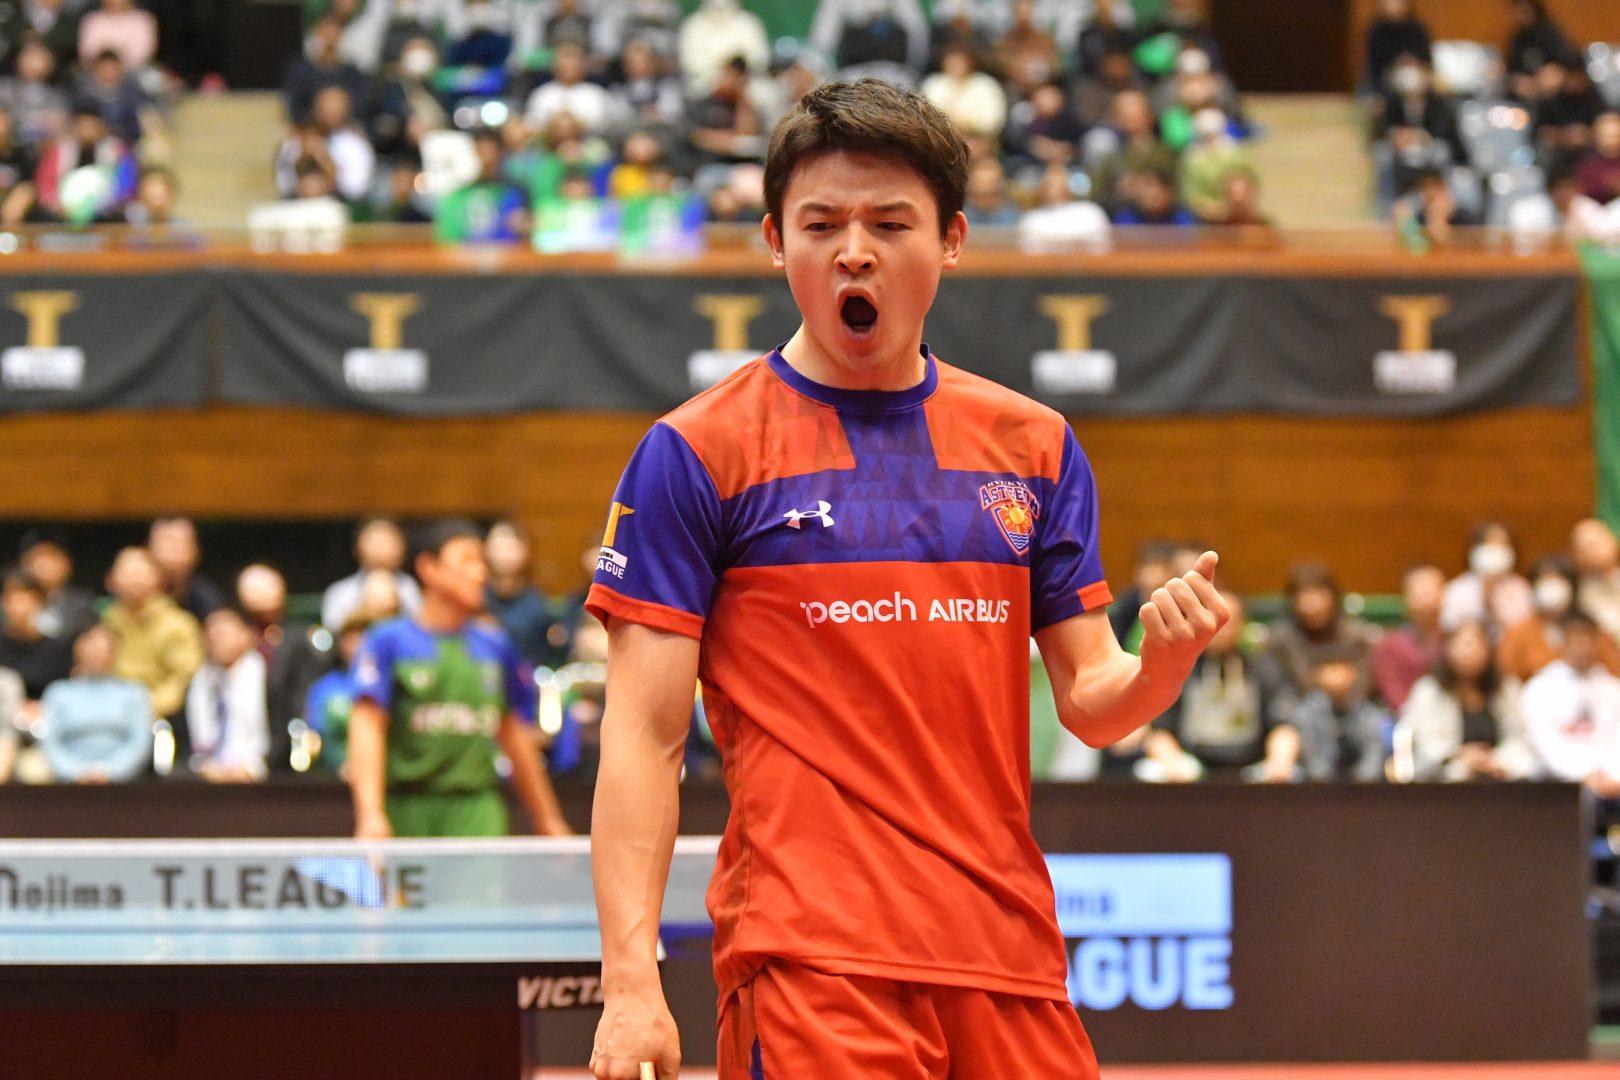 【卓球・Tリーグ】覚醒した有延が張本を圧倒! 琉球が首位KM東京に初のストレート勝ち